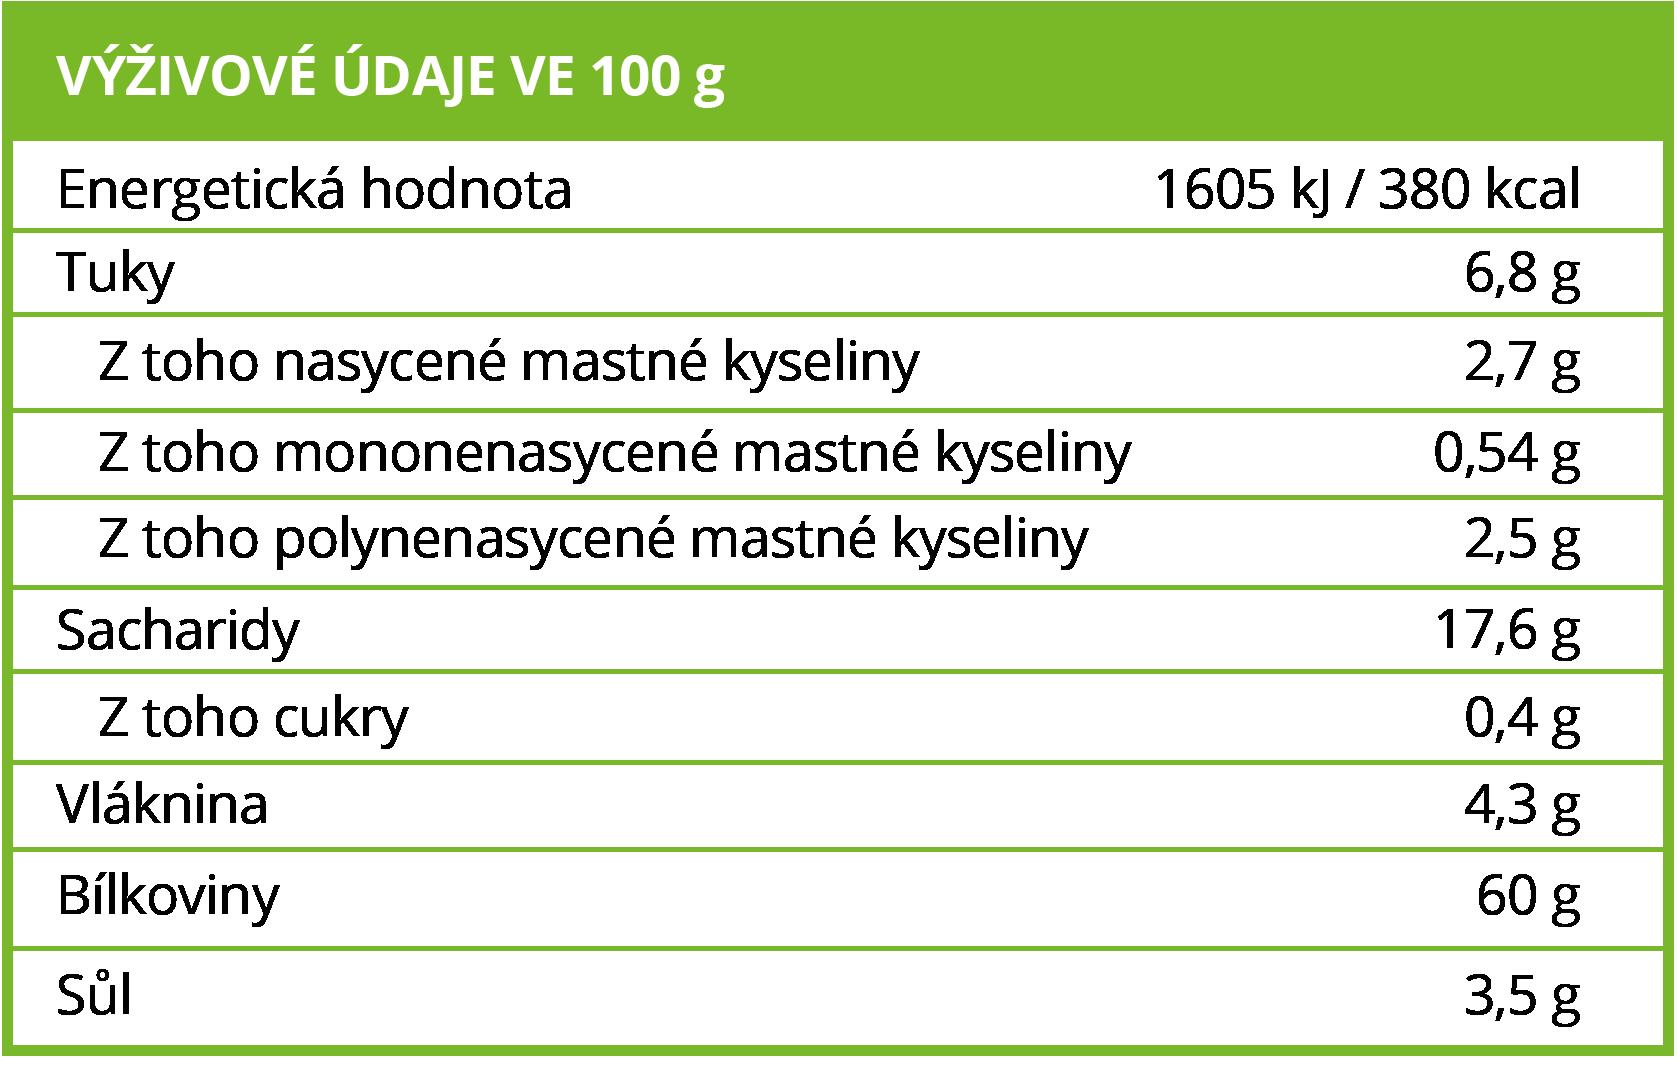 Výživové hodnoty BrainMax Pure Spirulina BIO prášek, 250 g - BrainMarket.cz